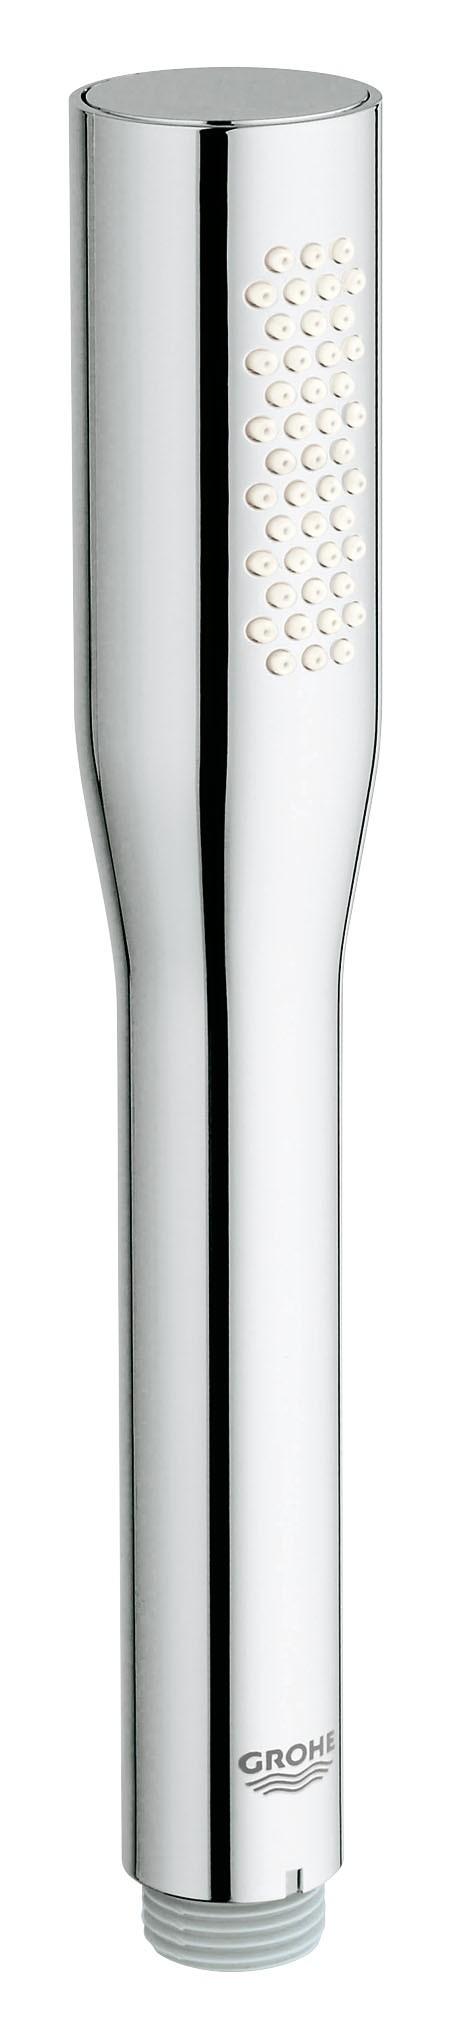 Ручной душ Grohe 27400000 Euphoria Cosmopolitan (1 режим) с ограничением расхода воды, хром